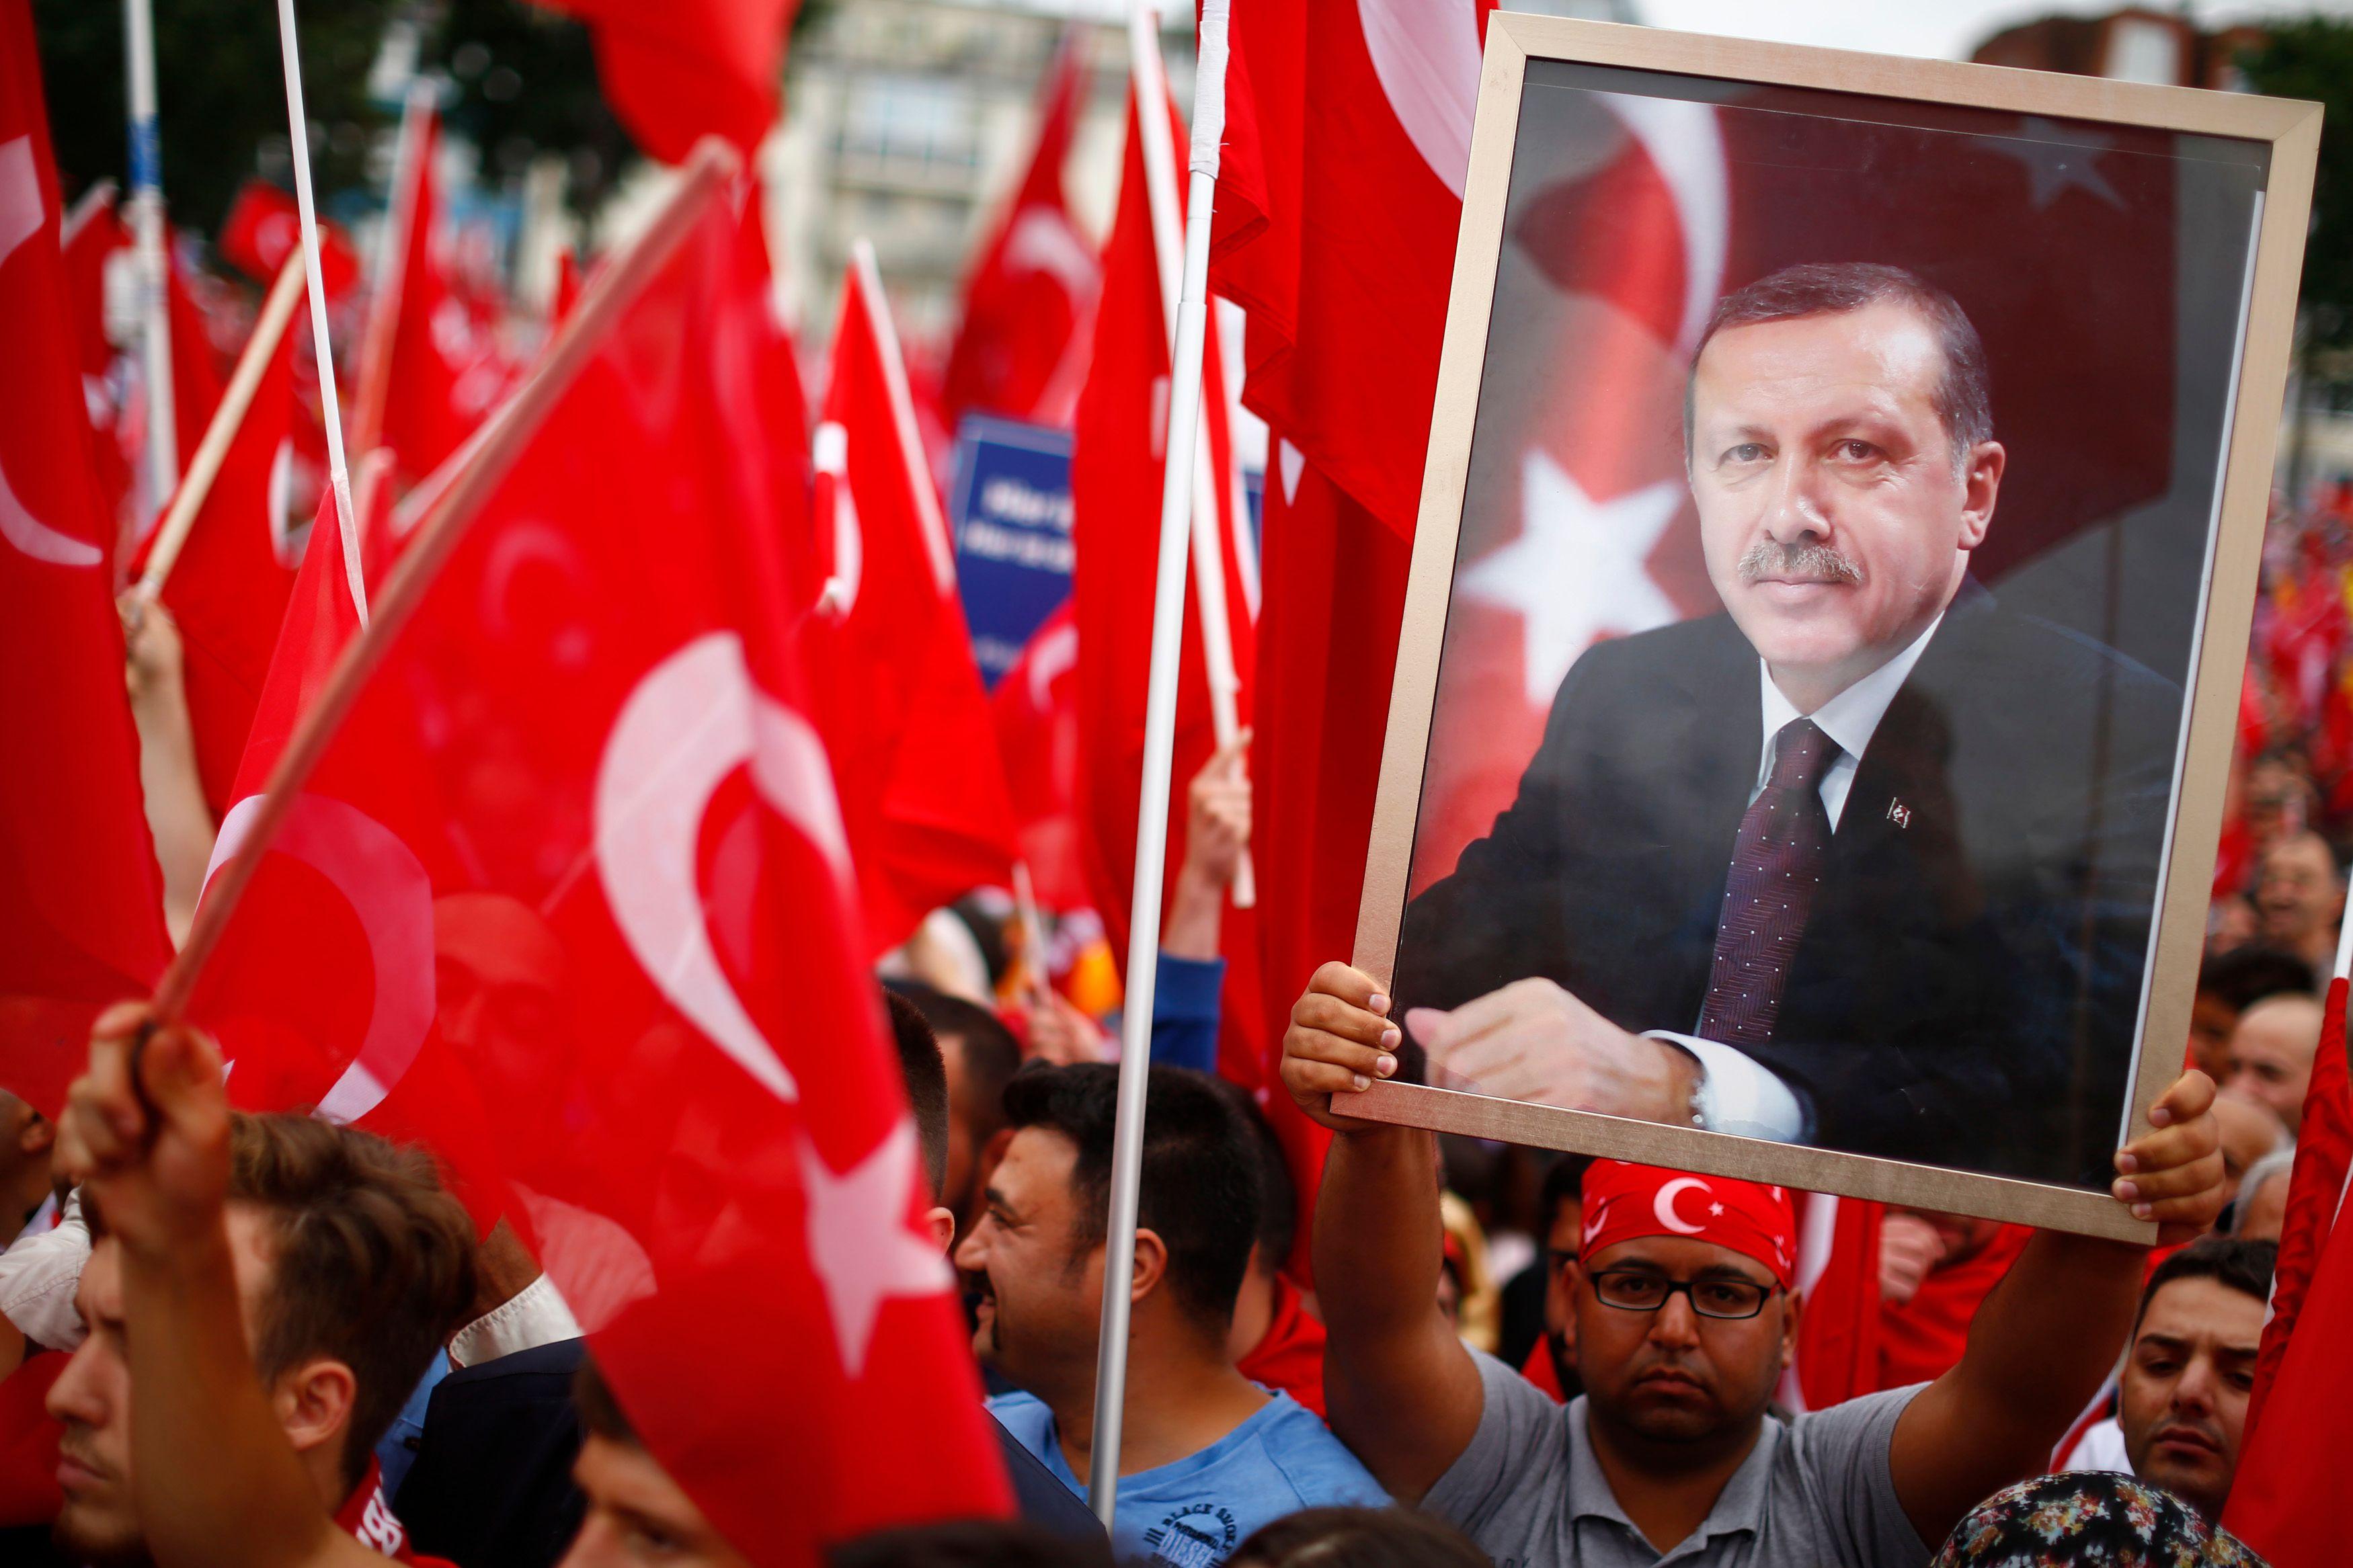 Forte hausse du nombre de migrants en provenance de Turquie : Erdogan remet la pression sur l'Union européenne